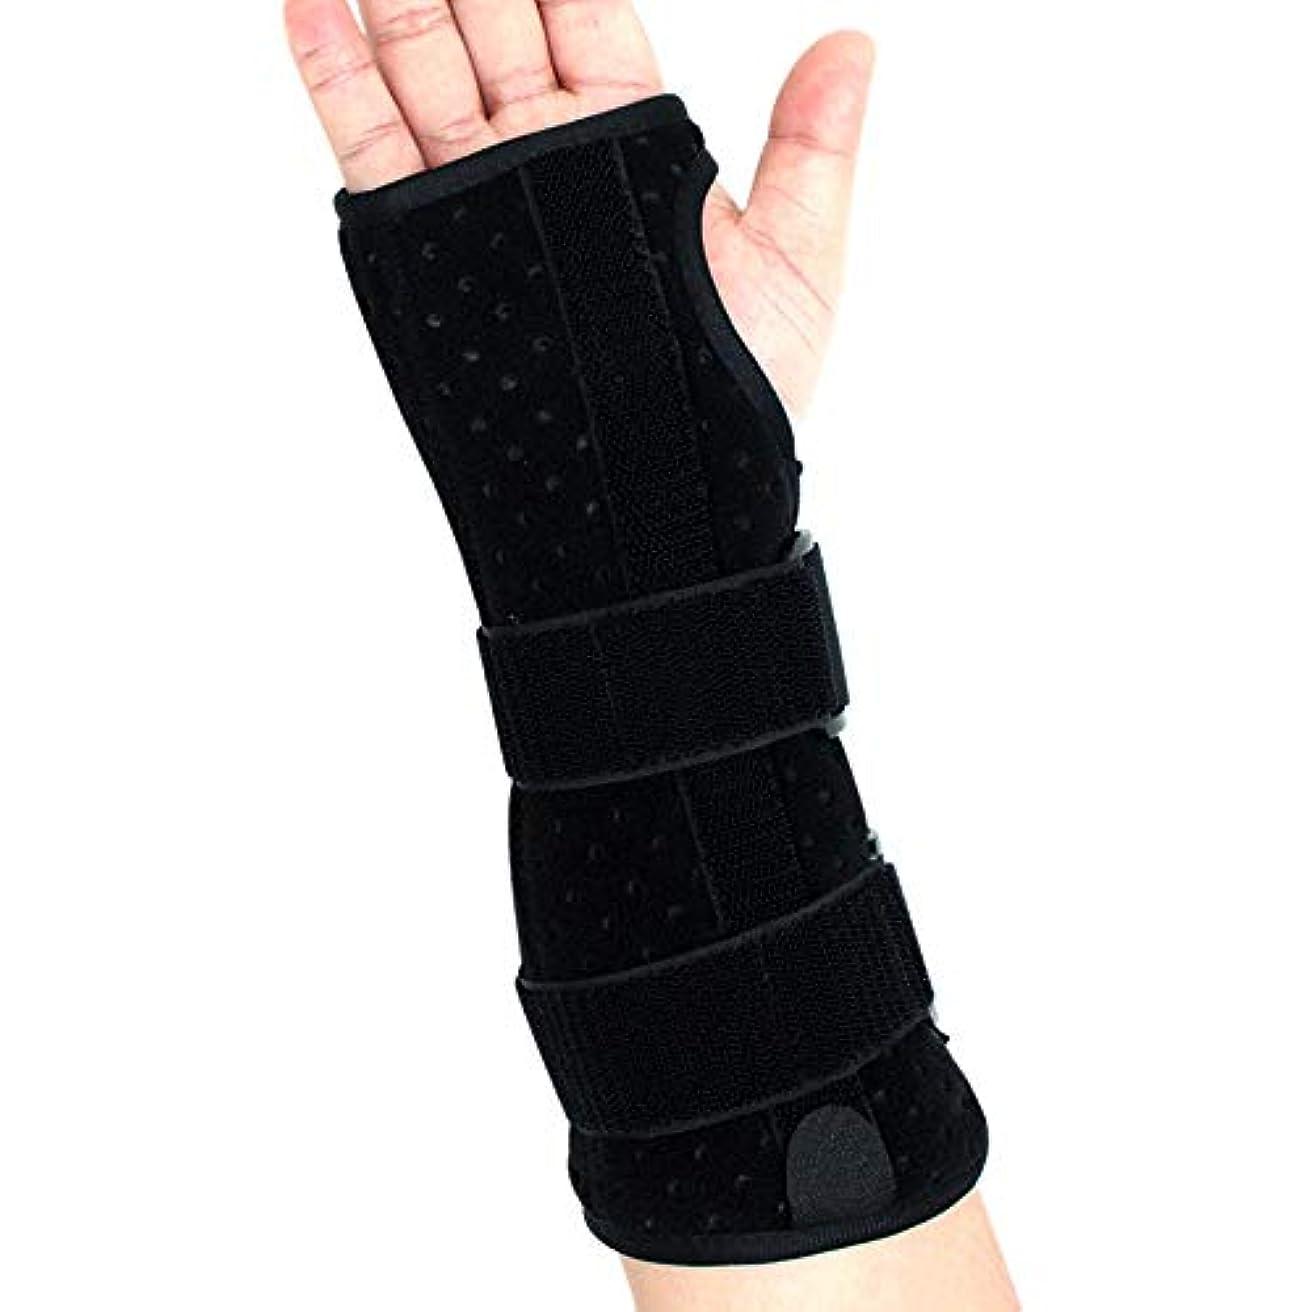 手首サポートブレース、怪我、スポーツ、ジム、繰り返しの緊張などのためのクッション付きパッド付き軽量スプリント デザイン,Righthand,L